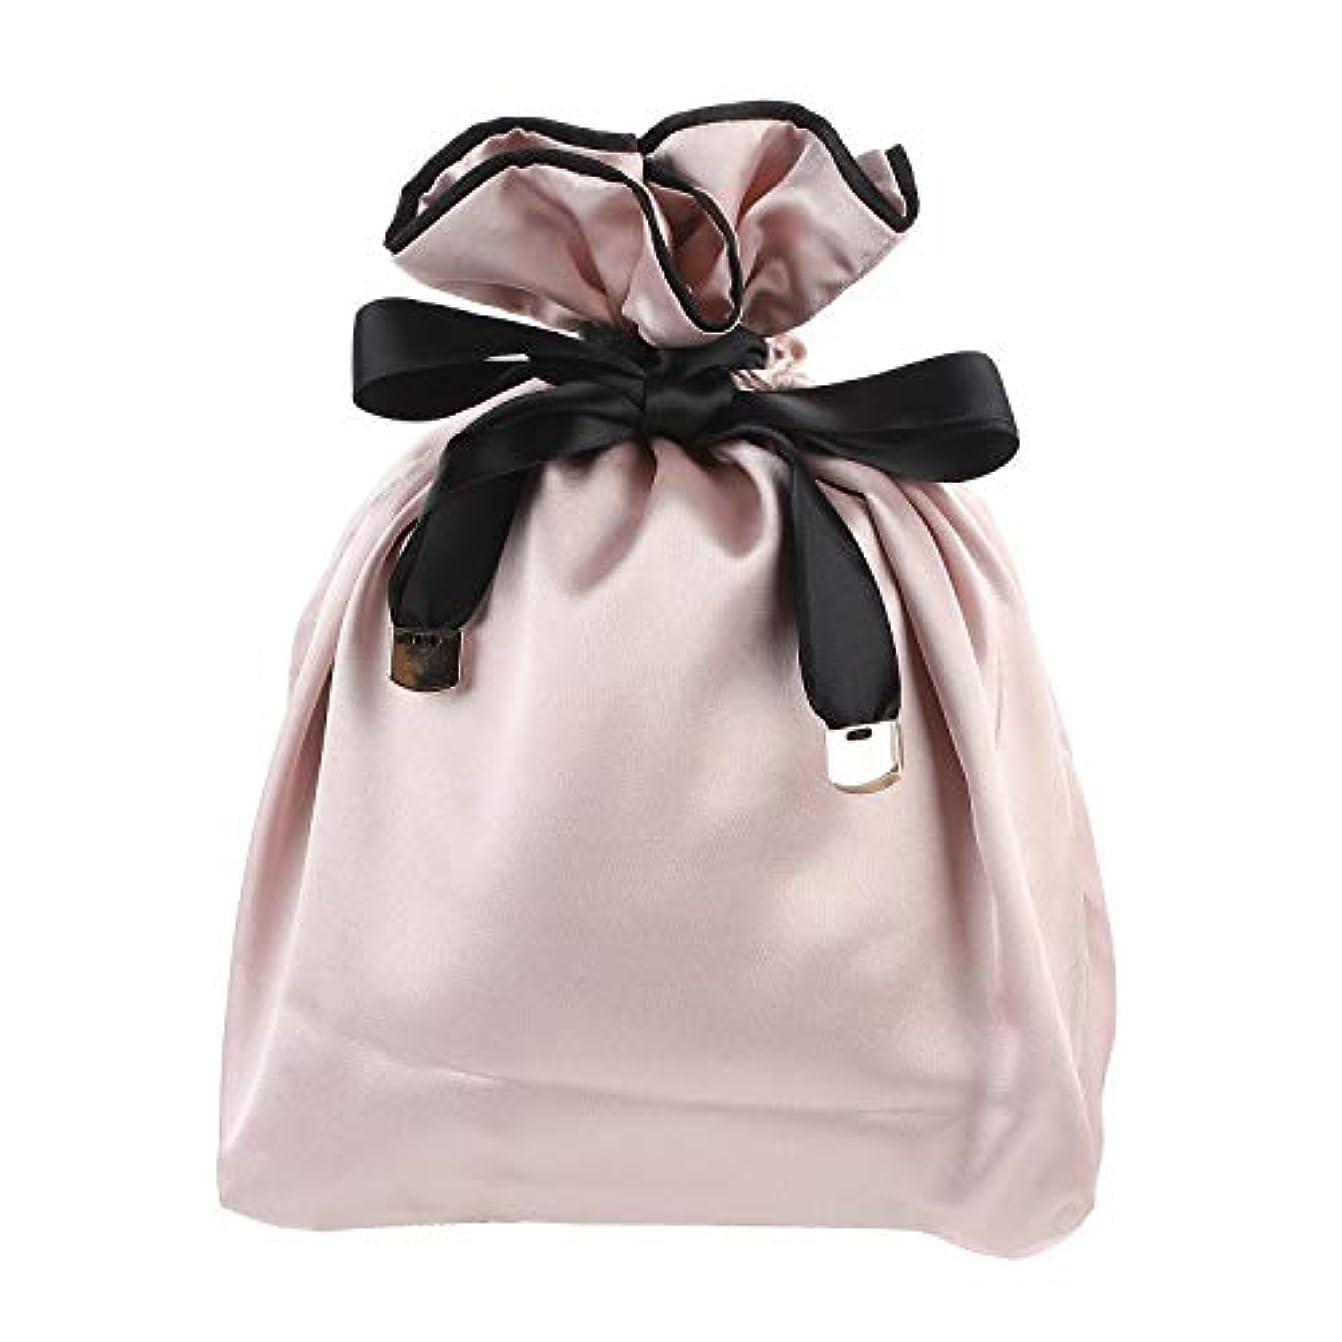 事実一月白いNEOVIVA 巾着 袋 女の子 化粧品ポーチ 小物入れ スベスベ 旅行 ギフト ピンク 巾着袋だけ